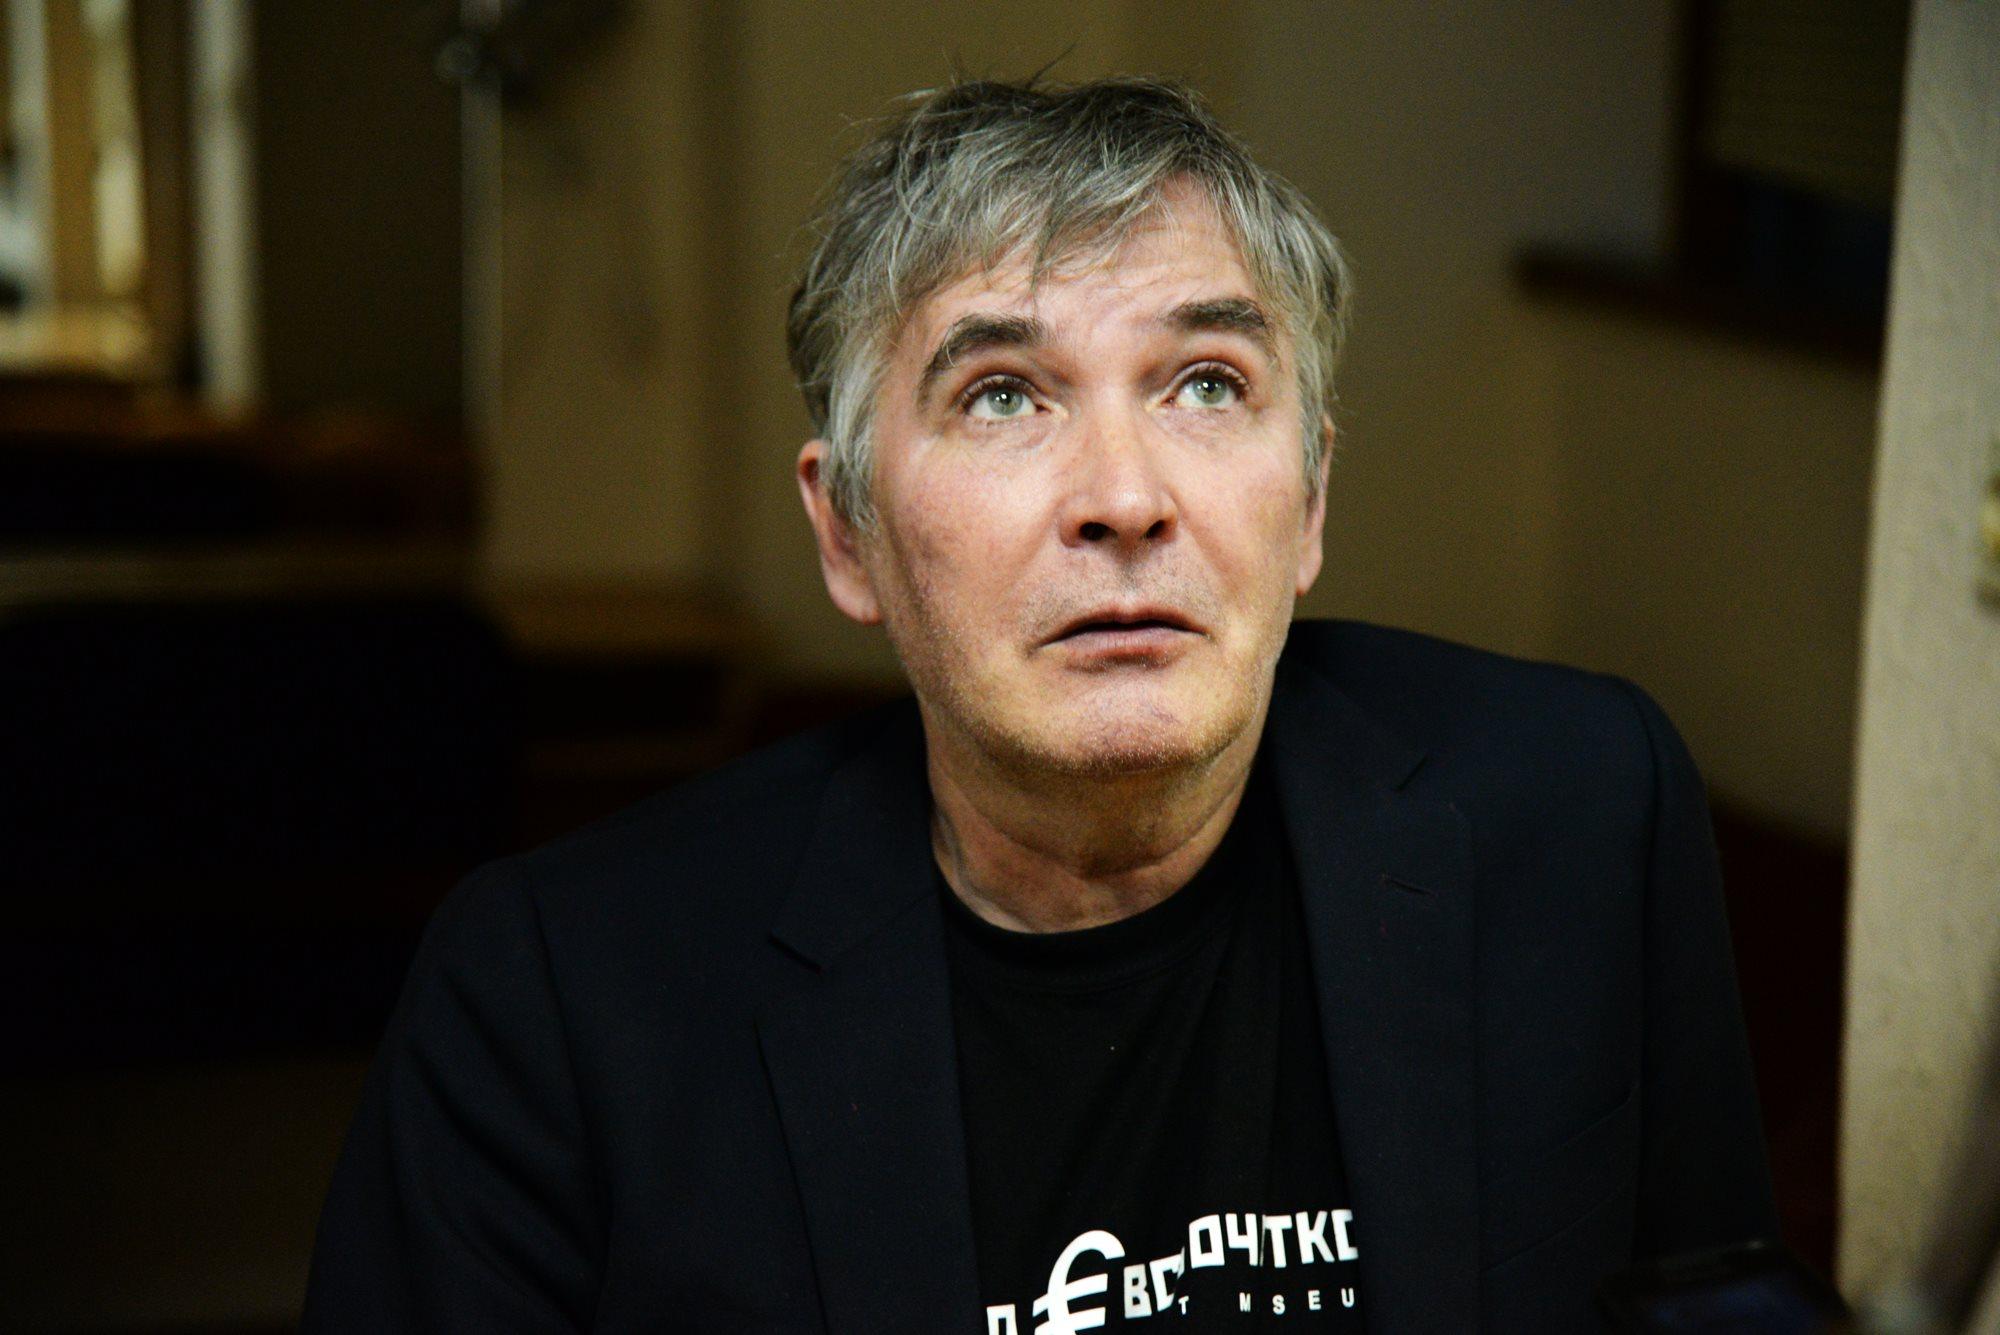 Российский поэт о своем творчестве и изменениях в РФ и Украине